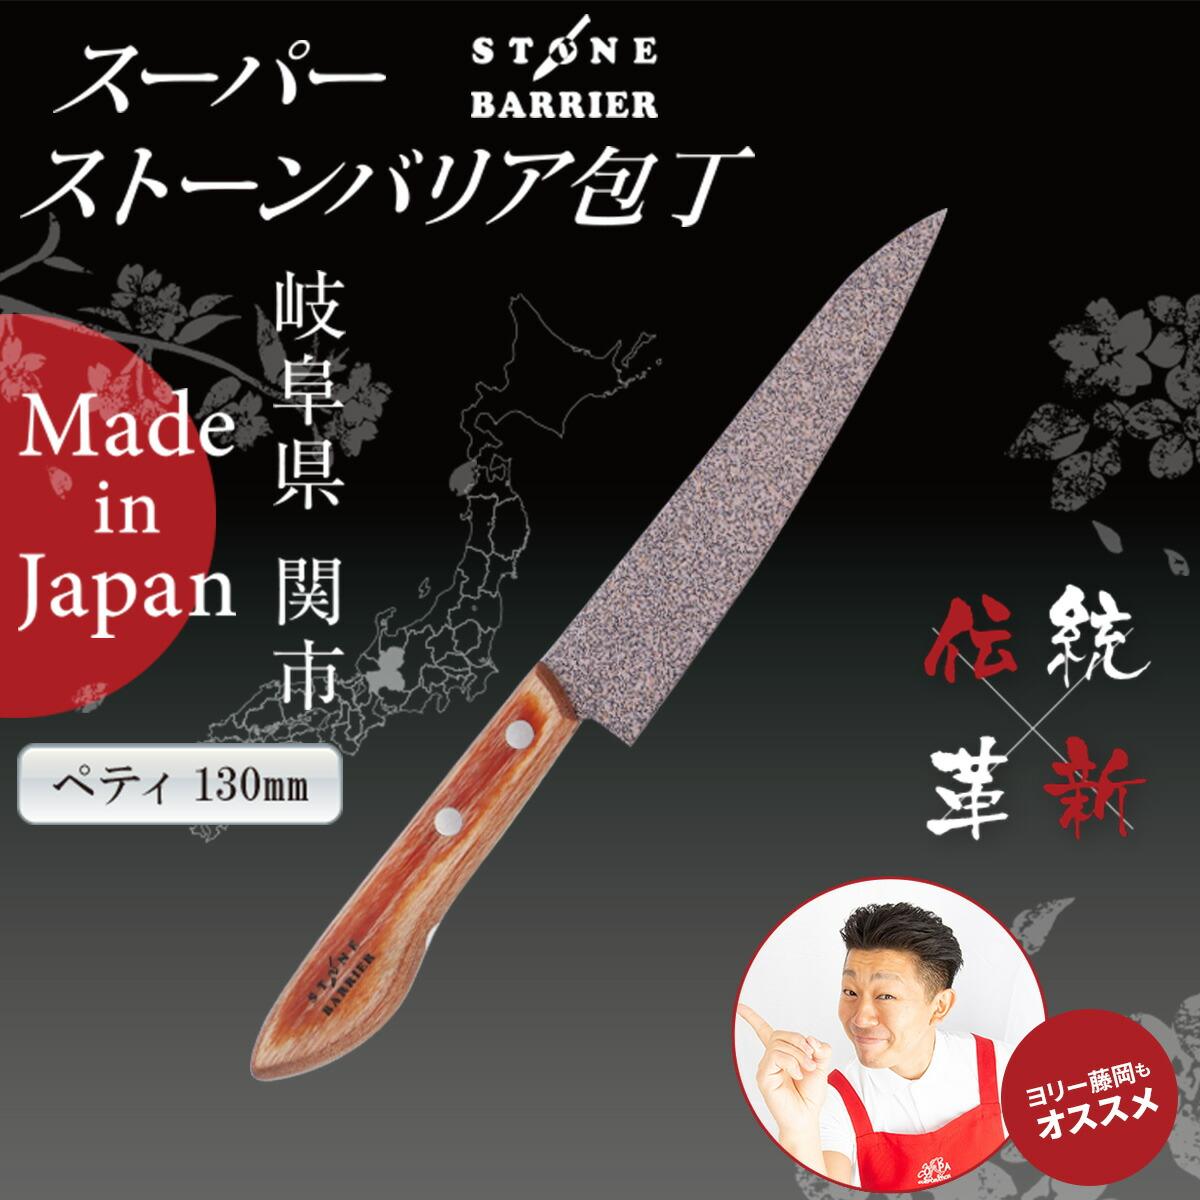 スーパーストーンバリア包丁牛刀ペティナイフ130mm